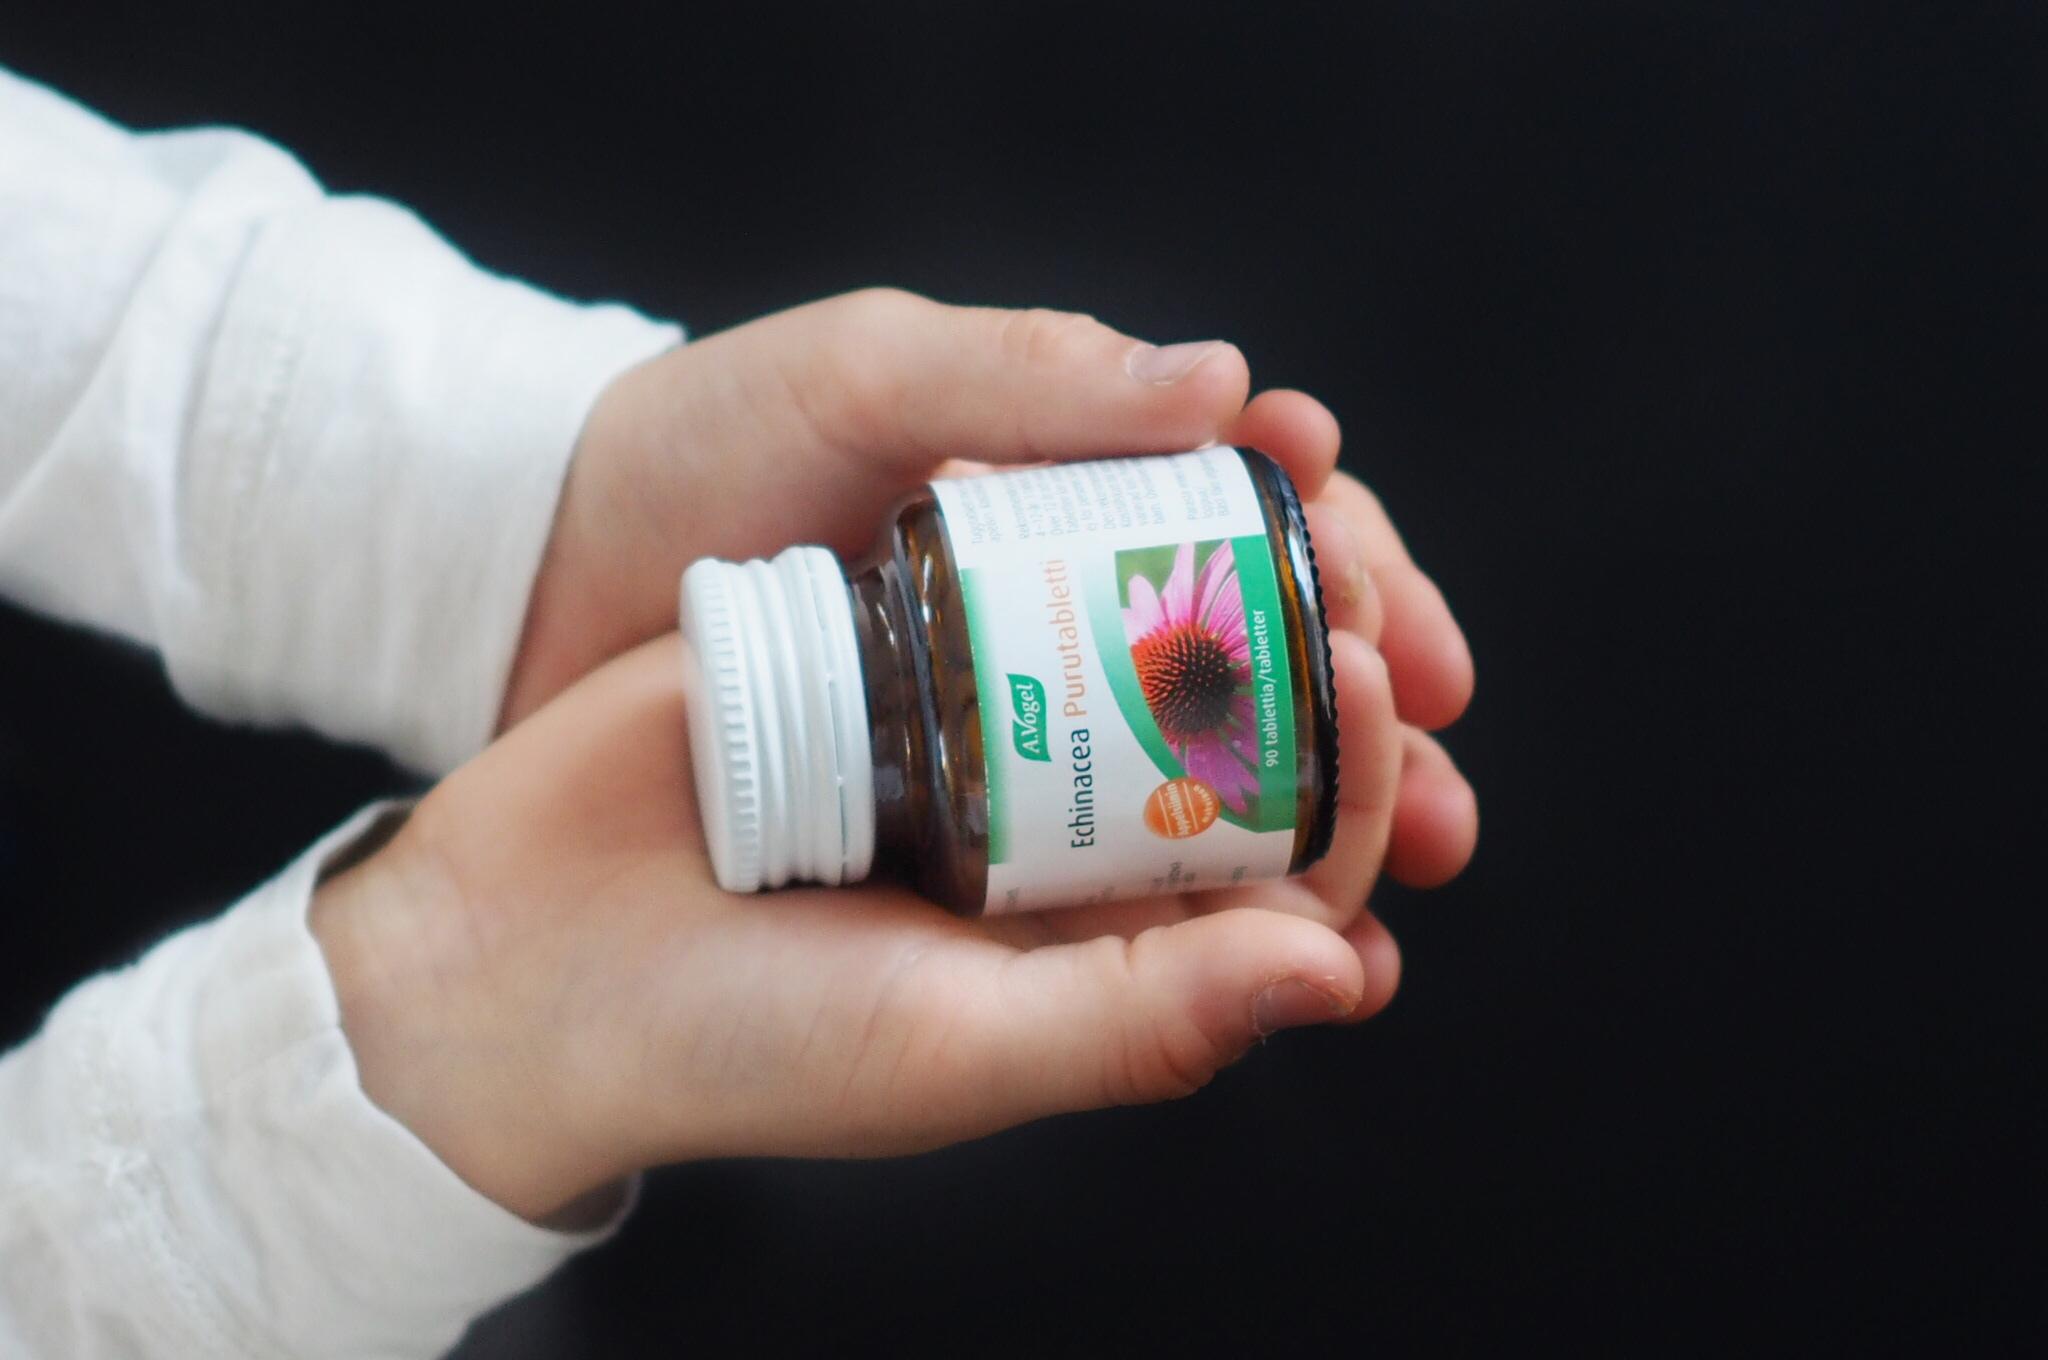 luonnollinen apu flunssakauteen